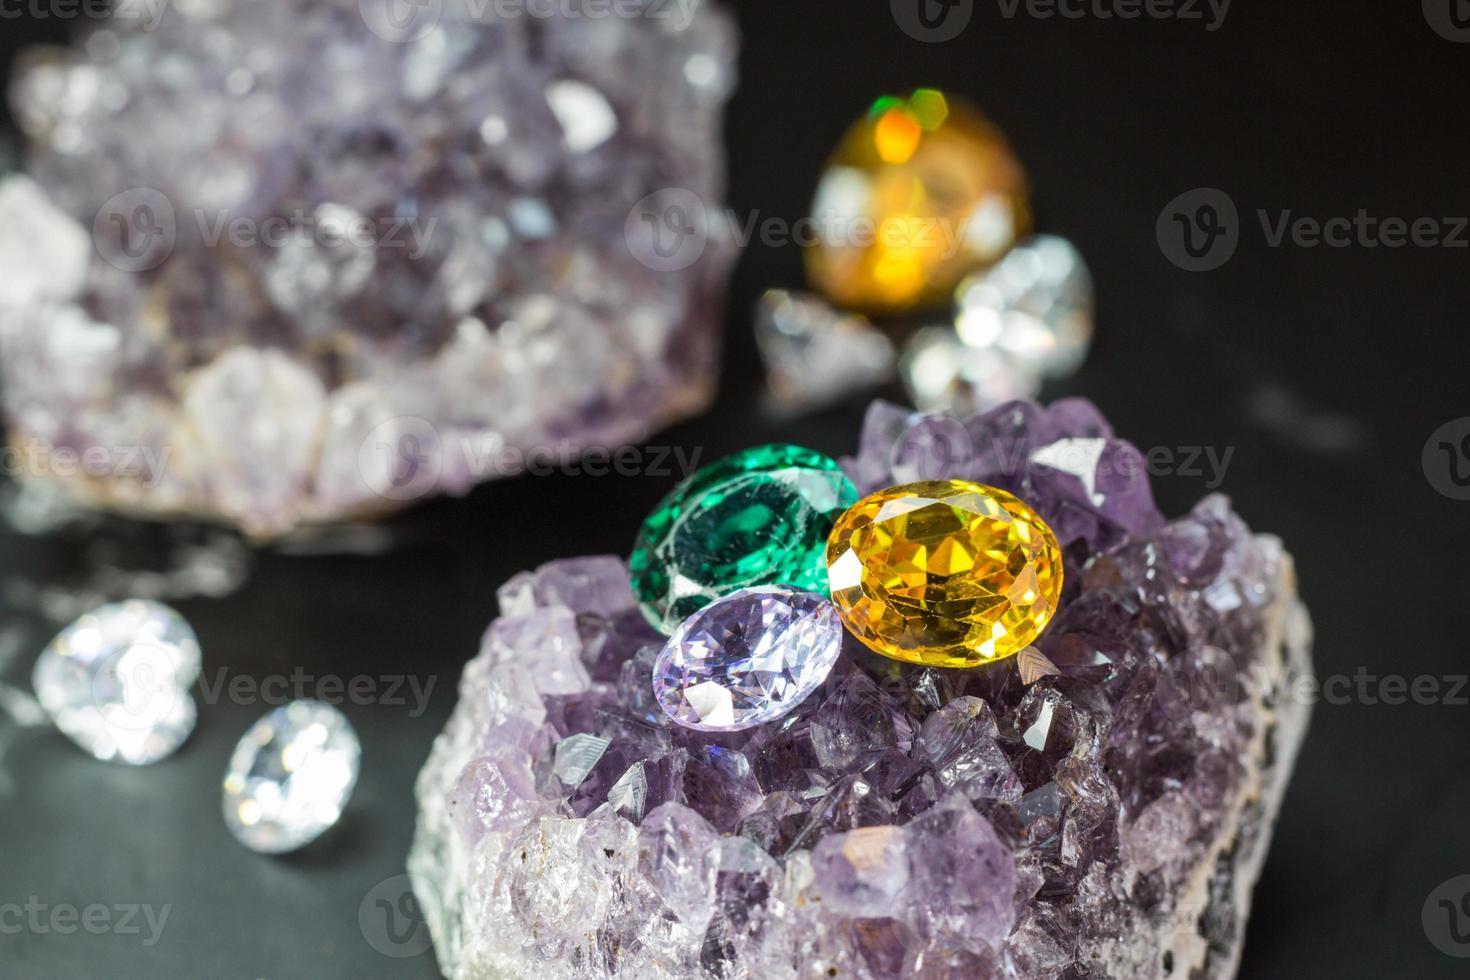 Piedra preciosa de zafiro natural, joya o gemas en color negro brillante, colección de muchas piedras preciosas naturales diferentes amatista foto